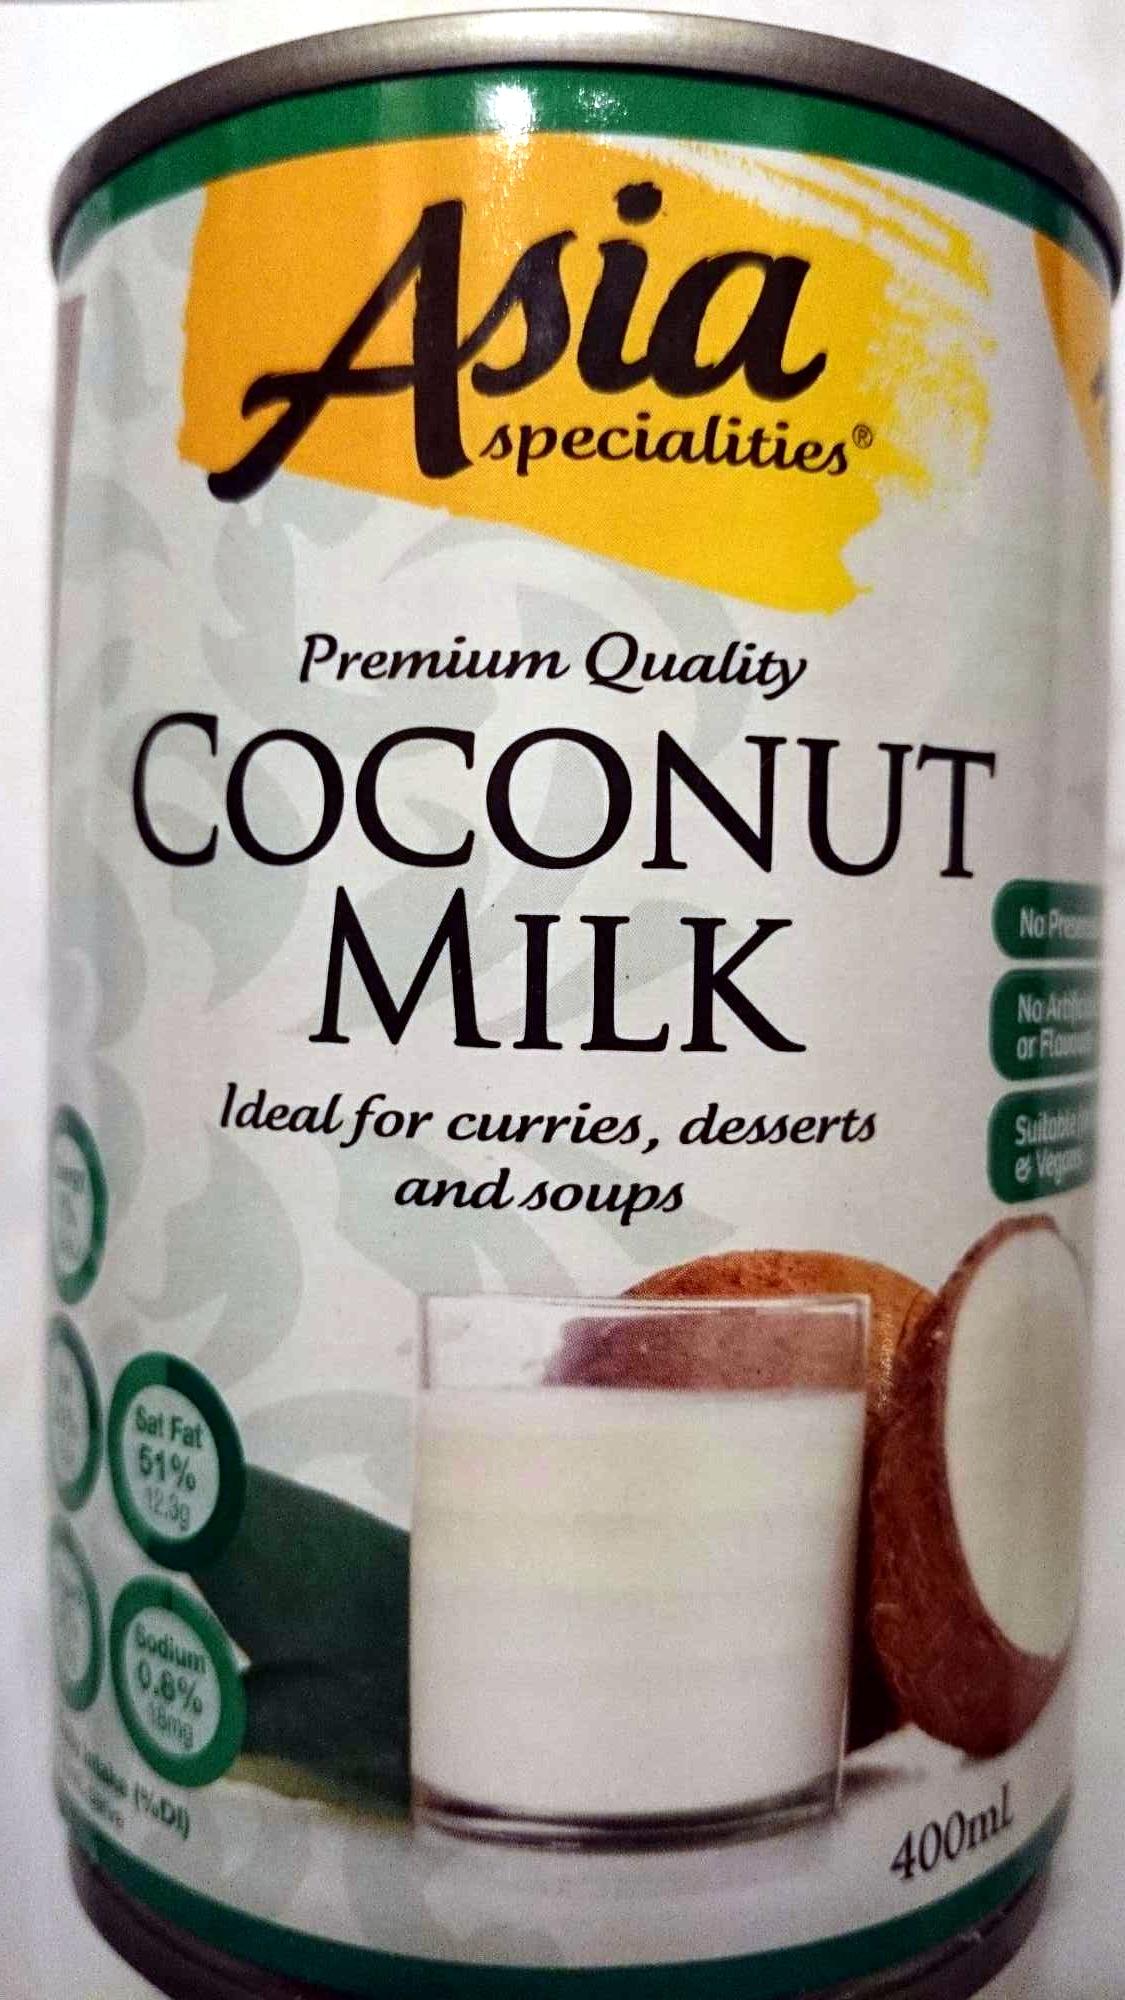 Premium Quality Coconut Milk - Product